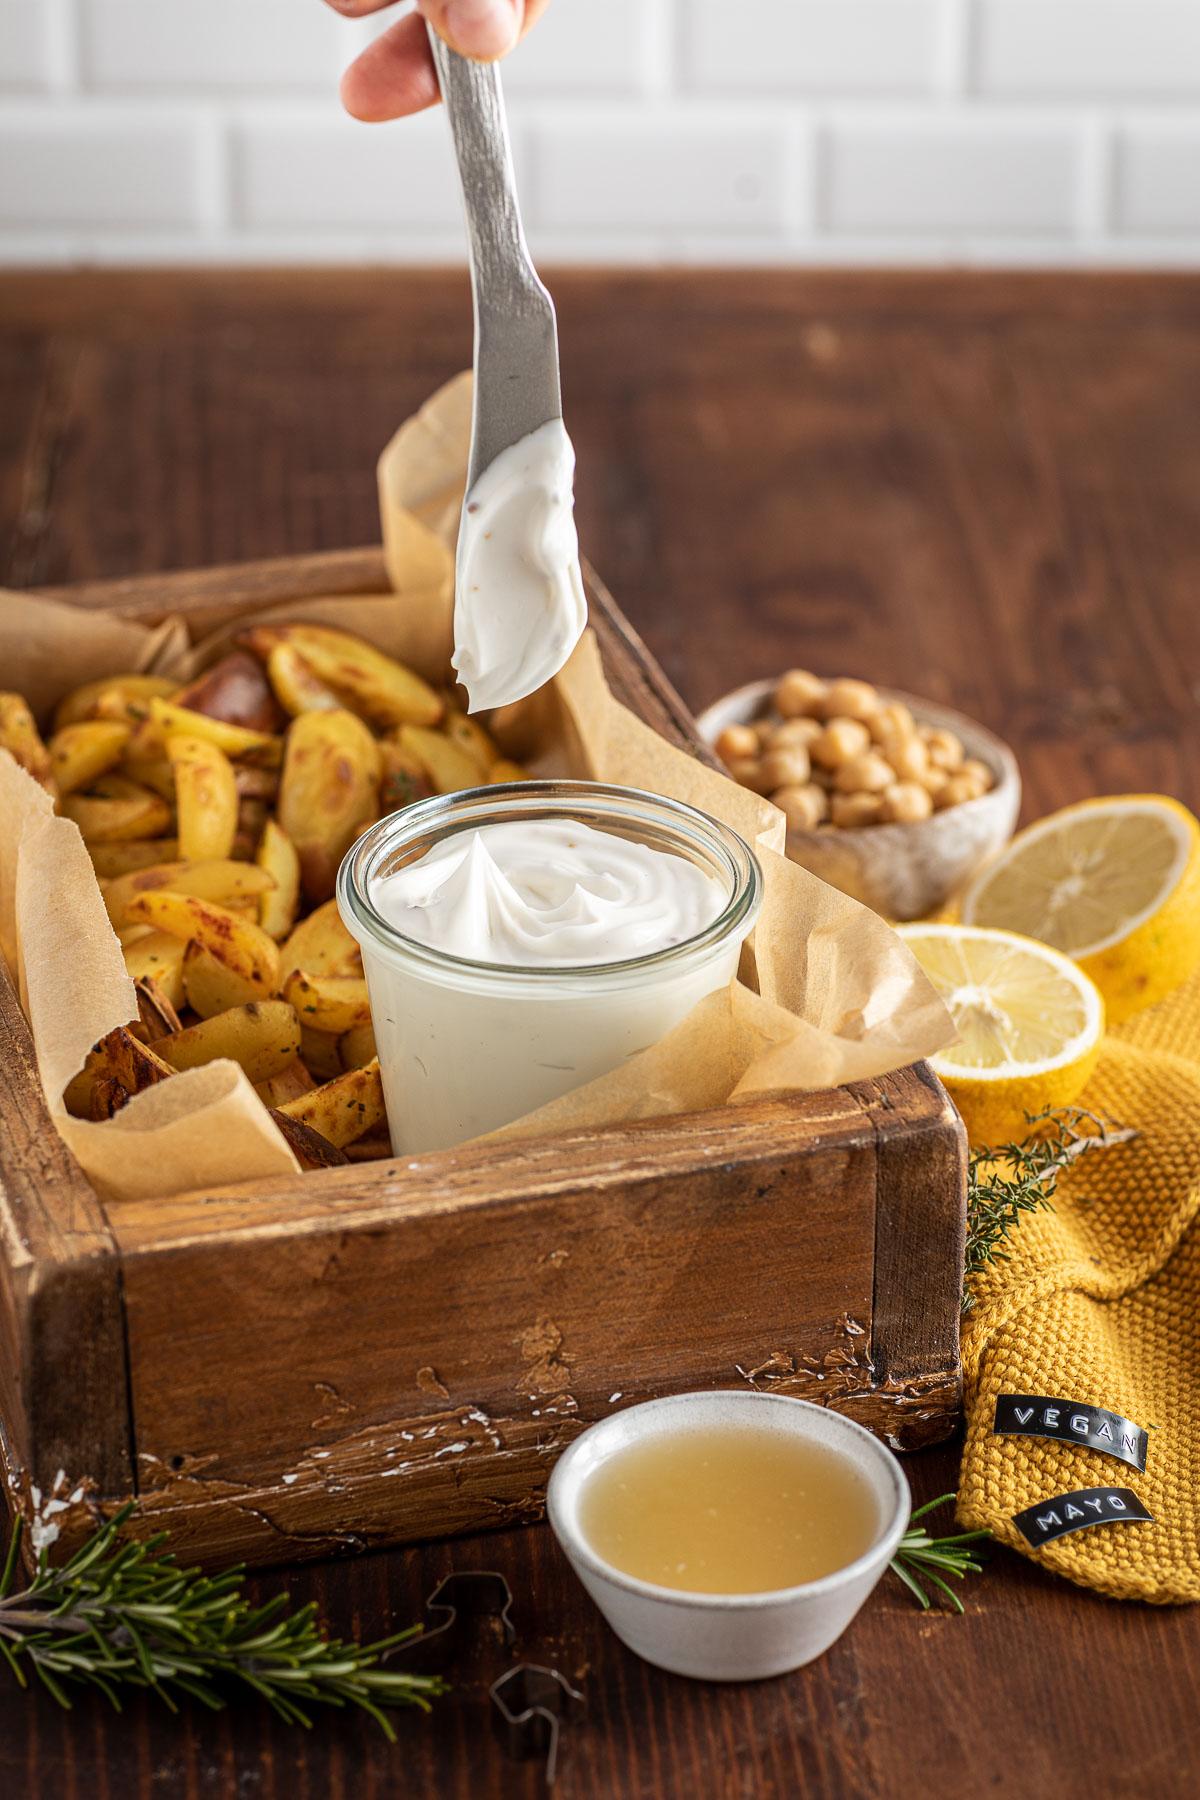 creamy vegan mayo recipe with aquafaba soy-free mayo ready in 2 minutes maionese vegana cremosa senza uova senza soia 2 minuti